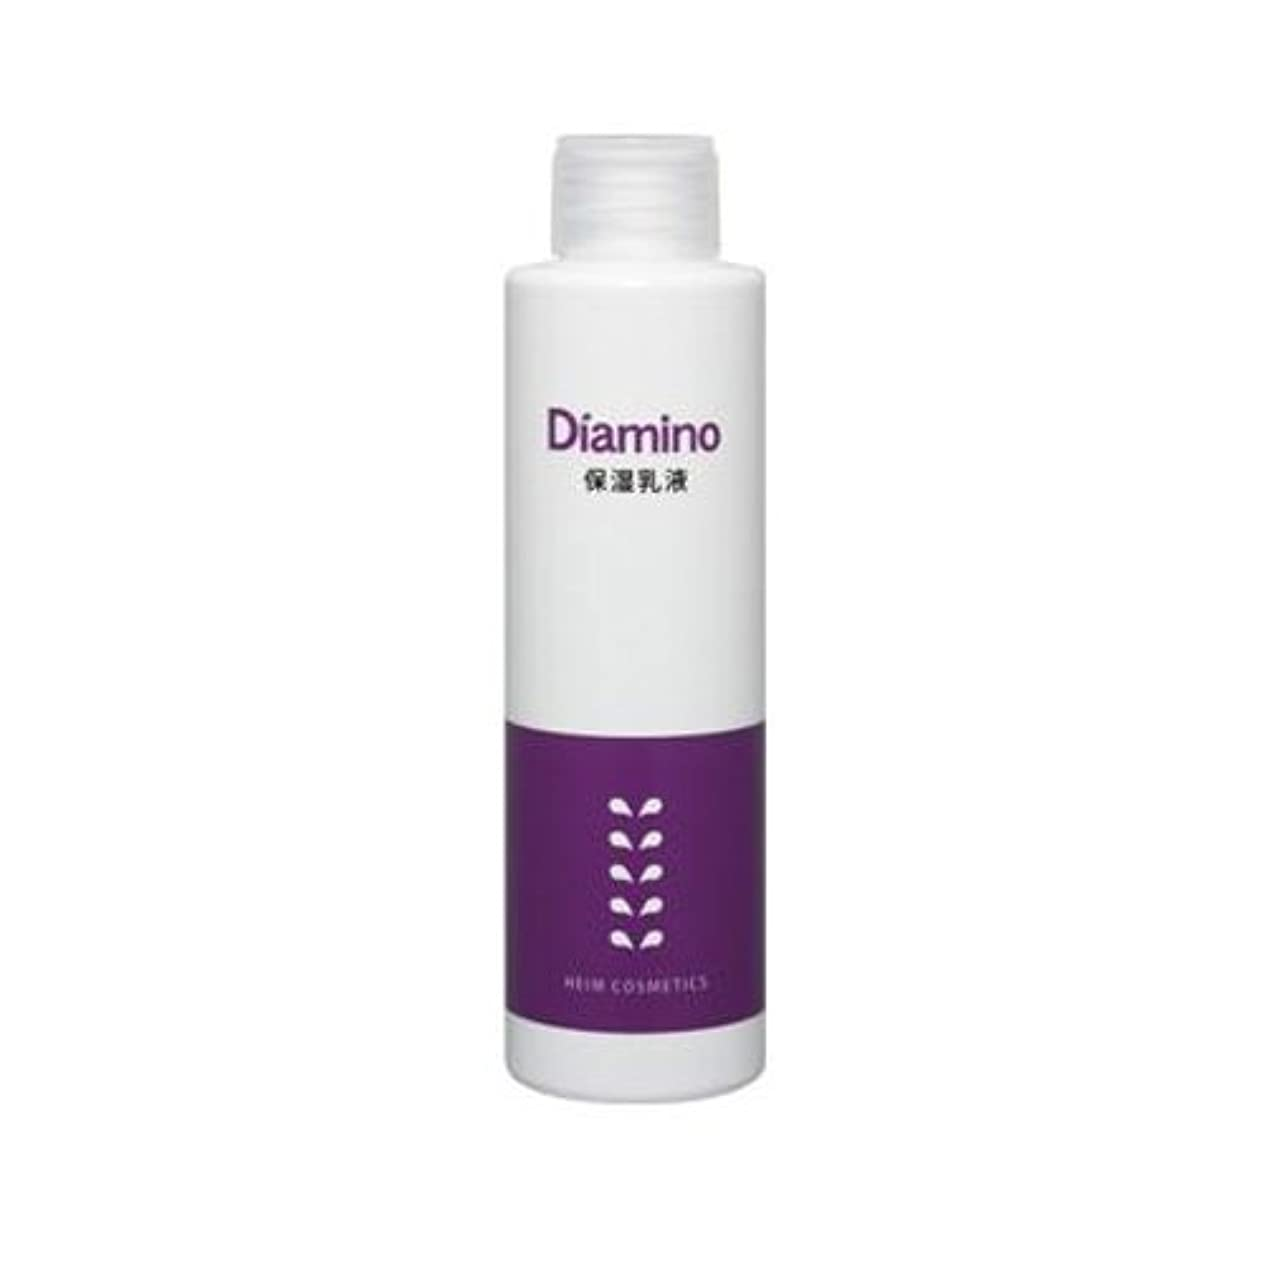 研磨ソーダ水ドループハイム ディアミノ 保湿乳液 150ml